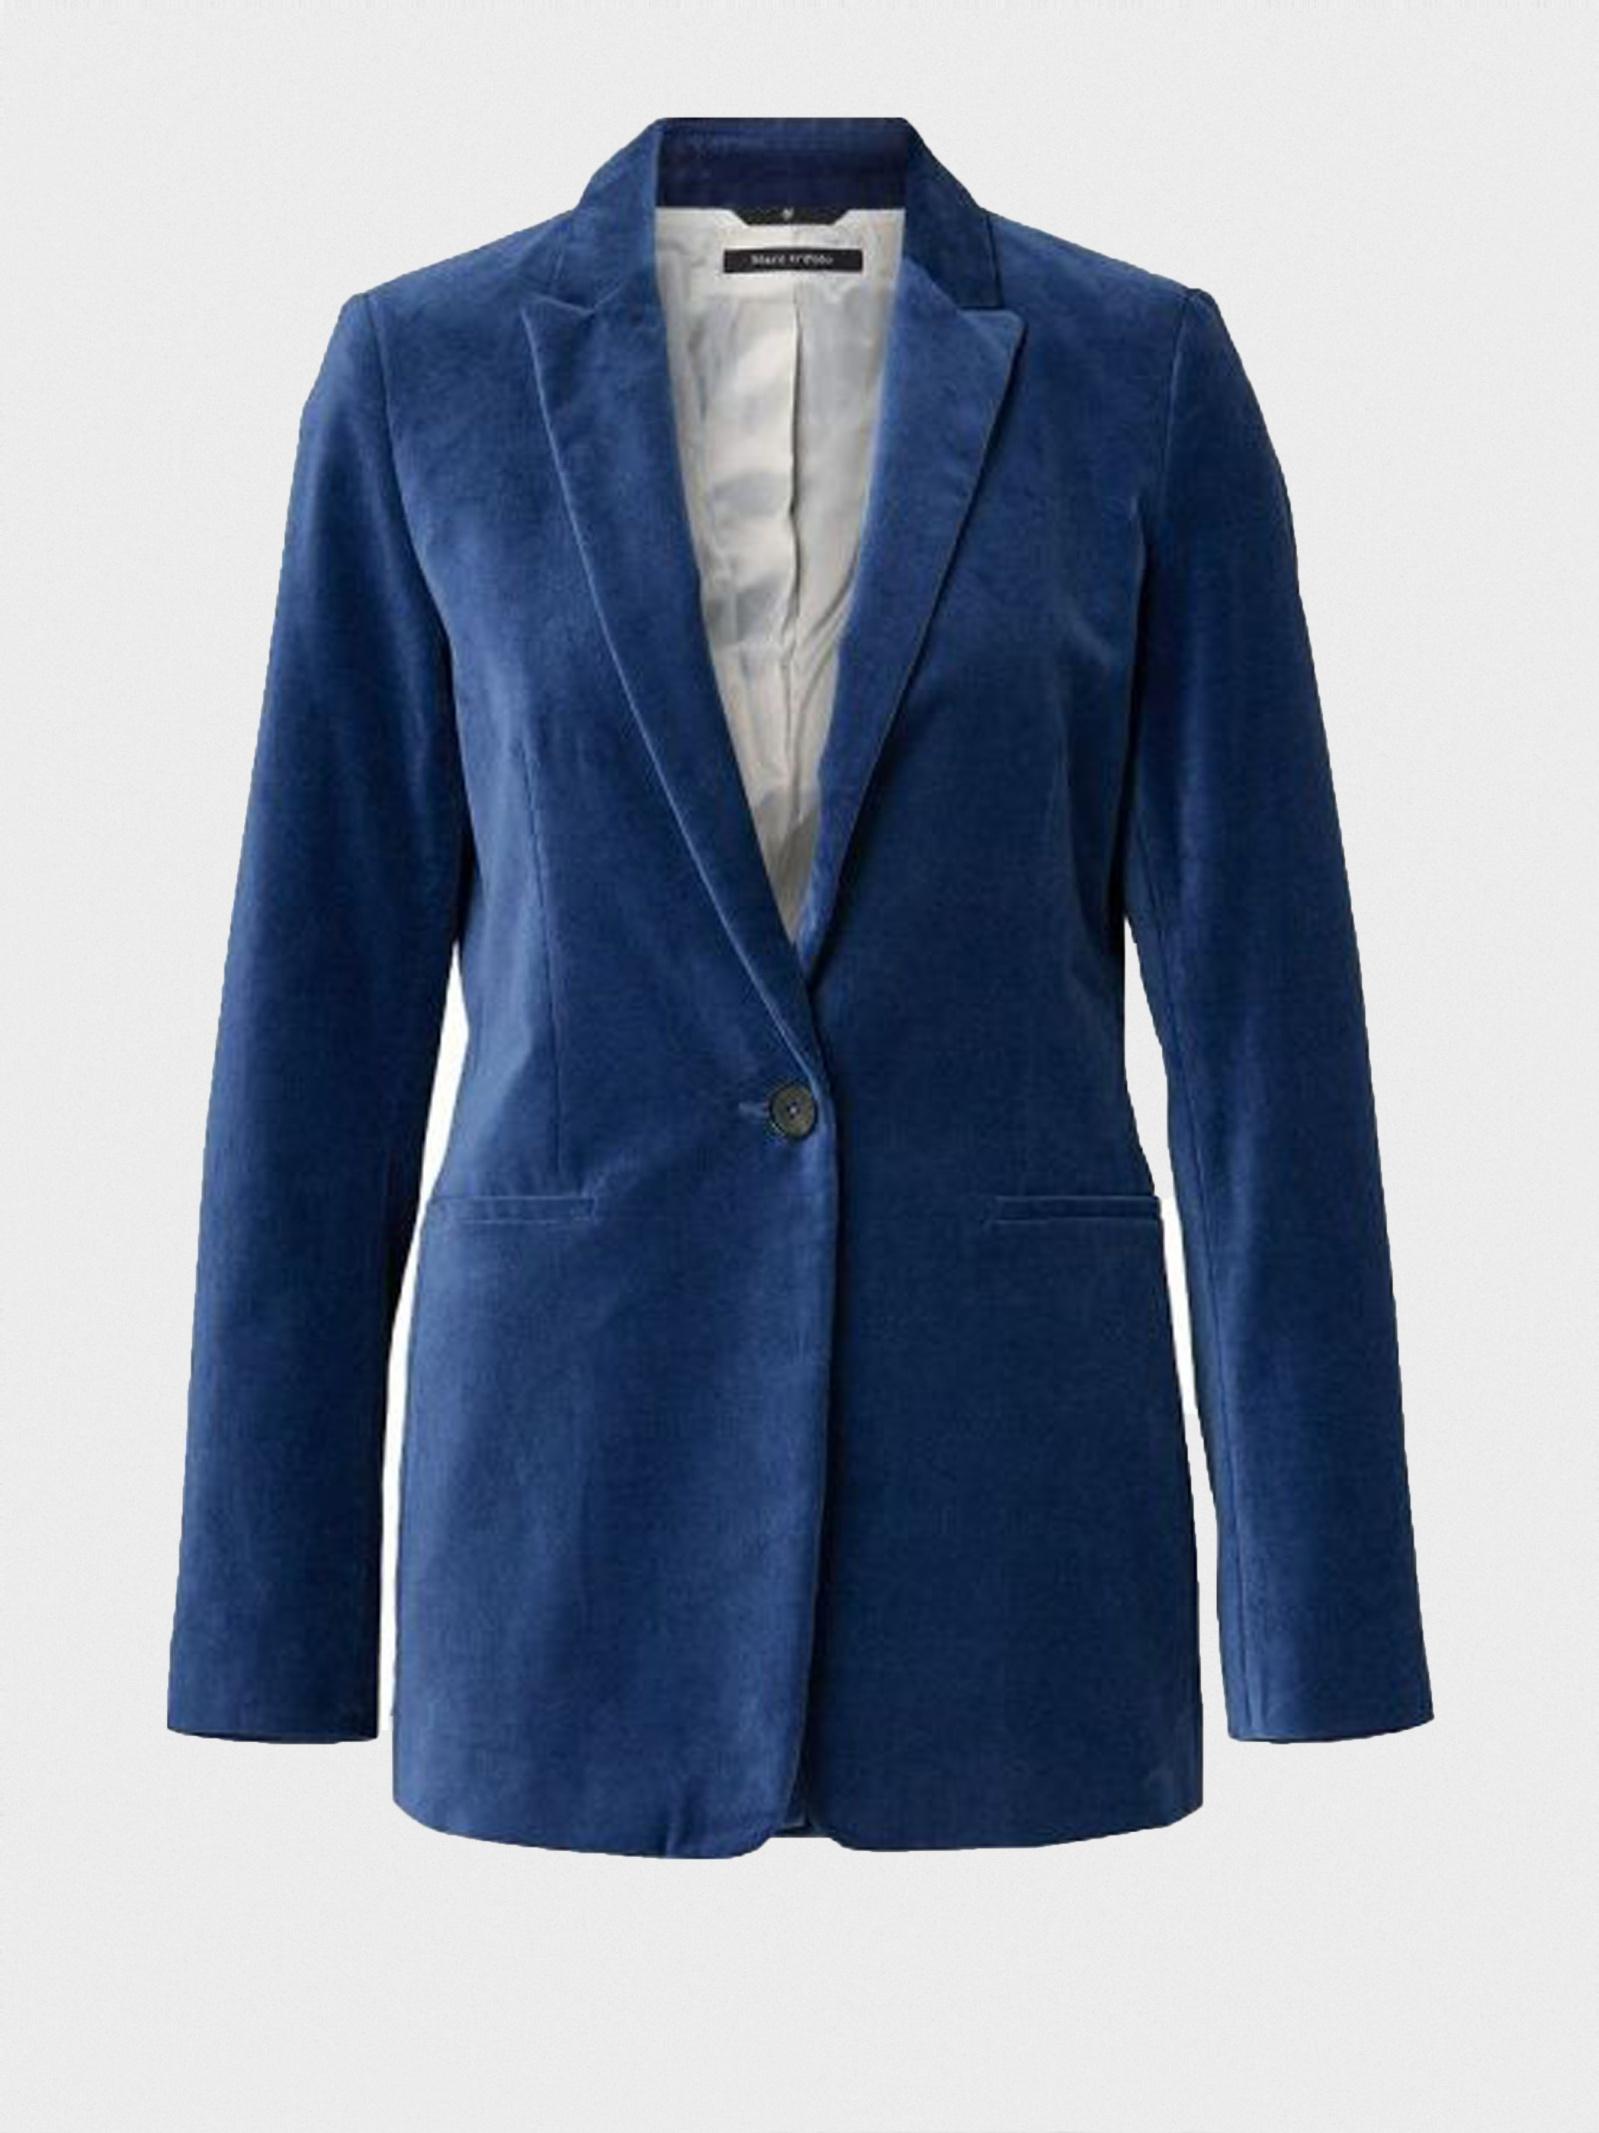 MARC O'POLO Піджак жіночі модель 812024580061-881 придбати, 2017